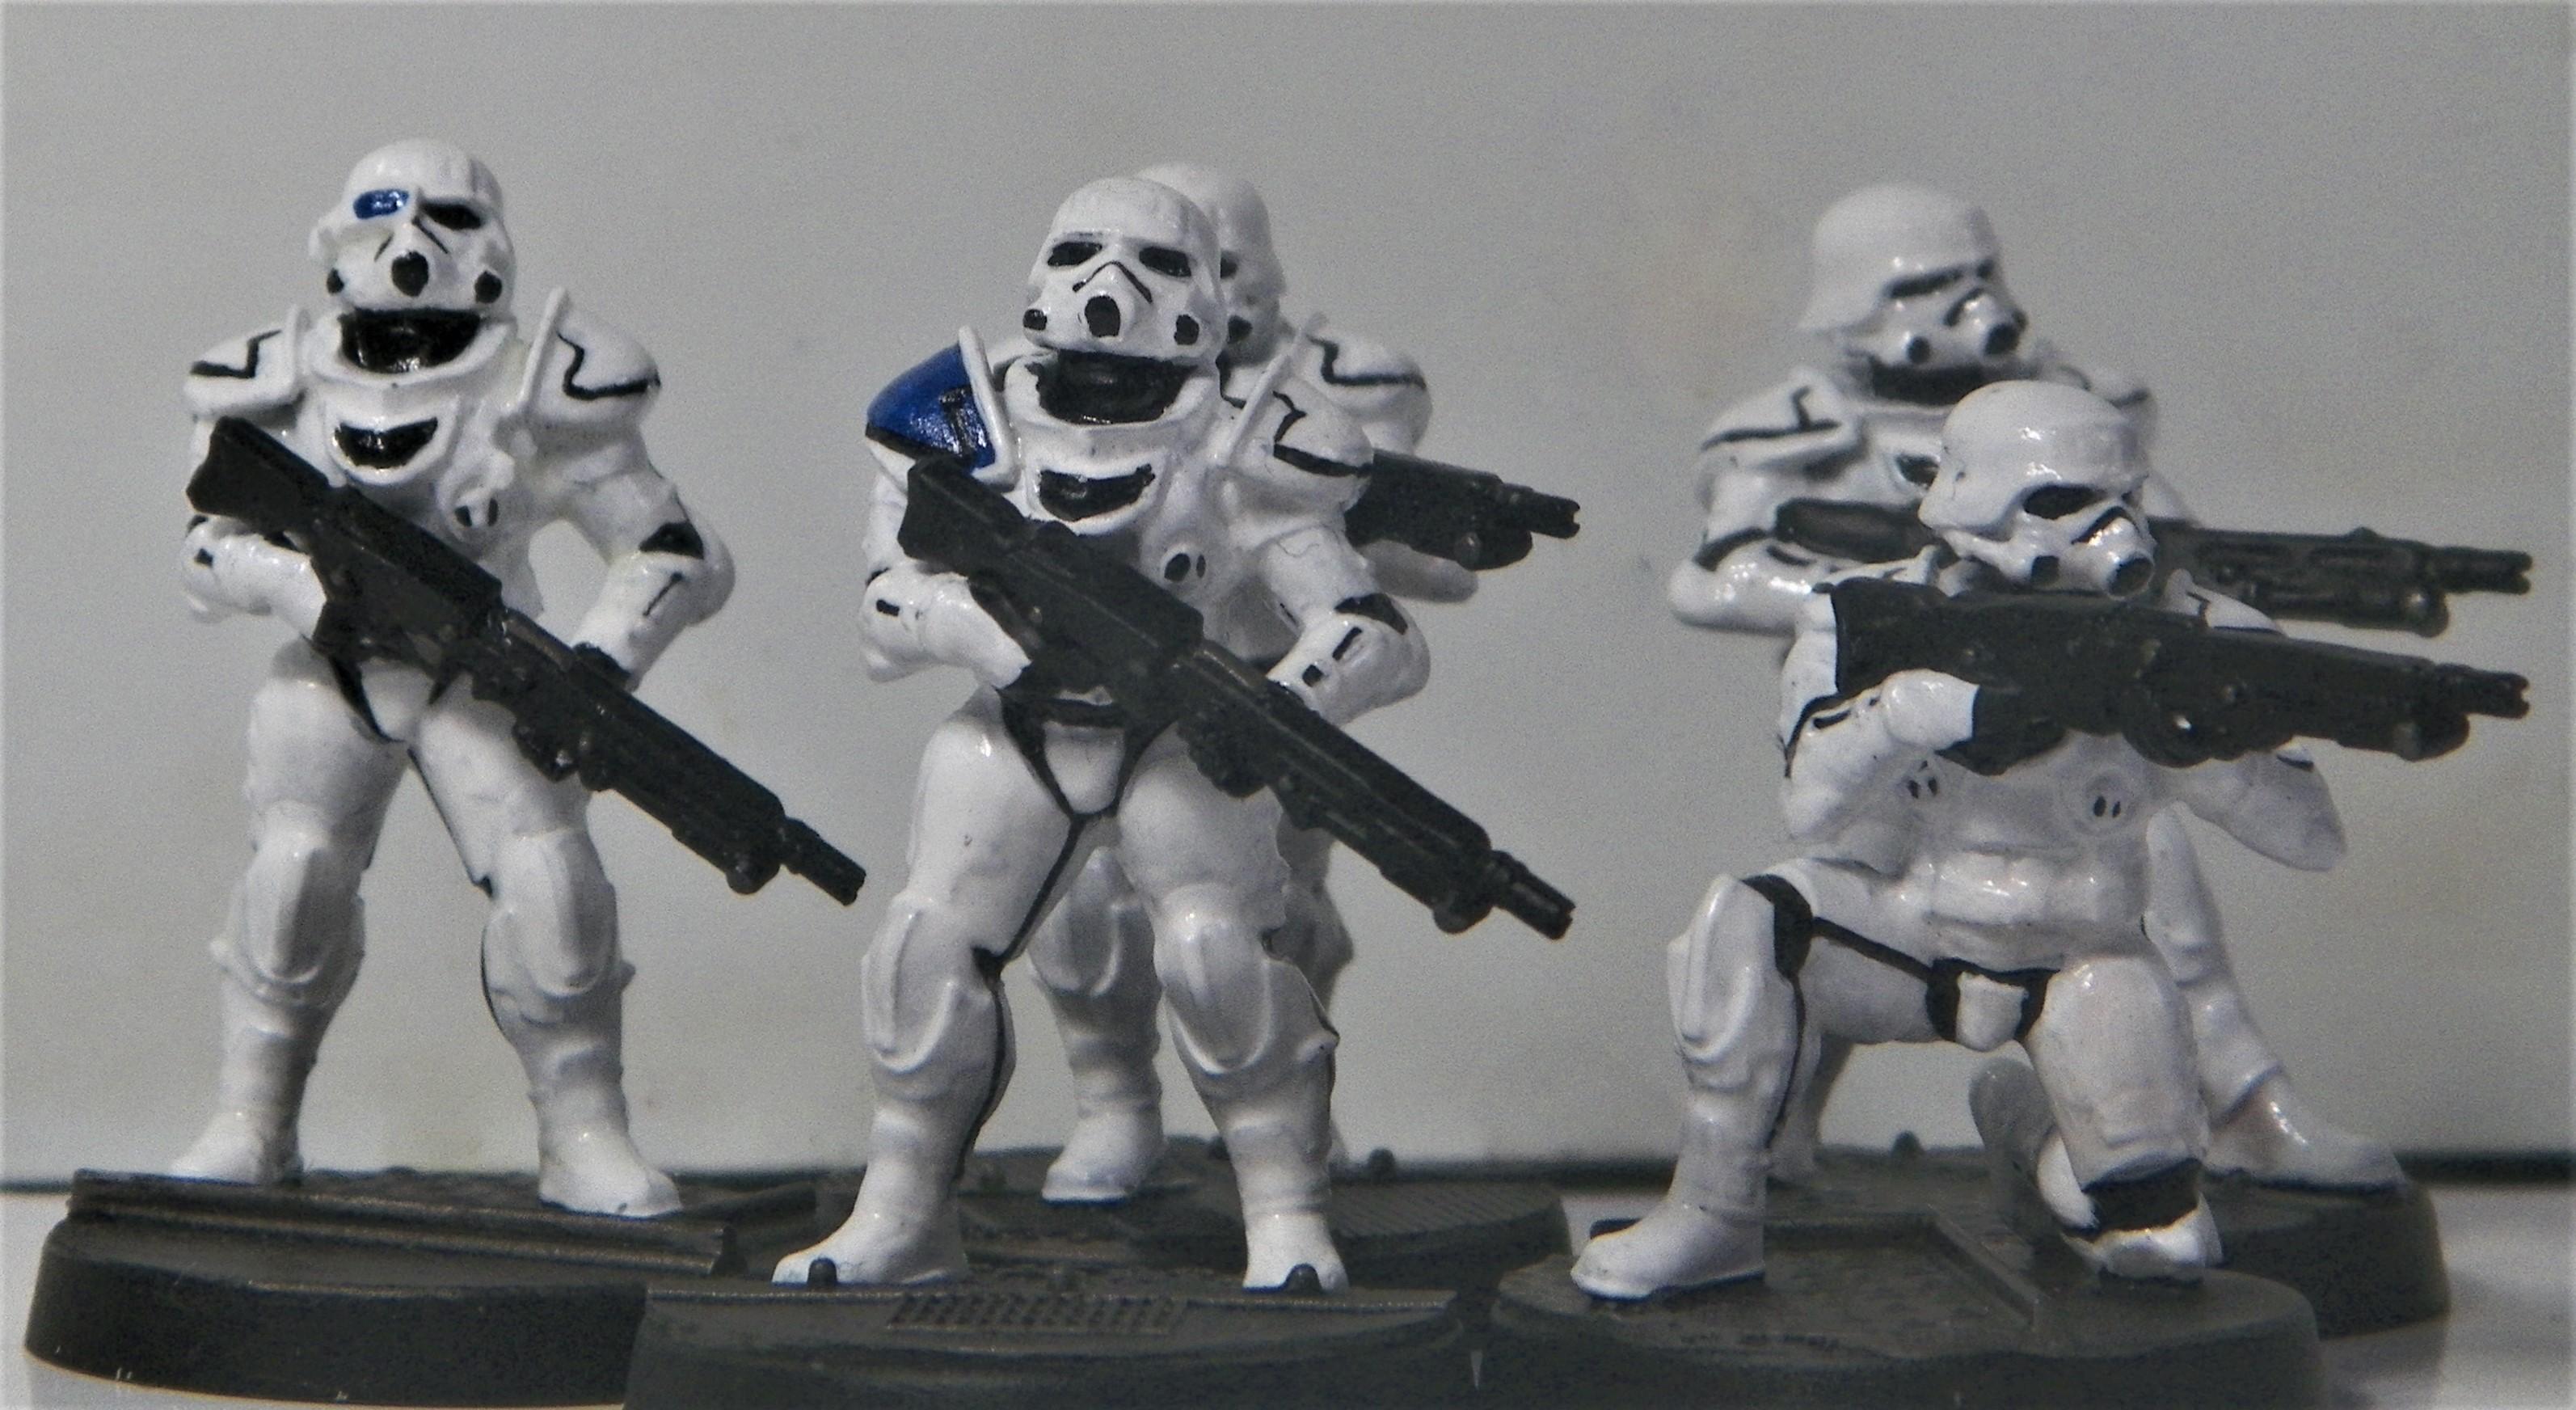 40K Stormtroopers